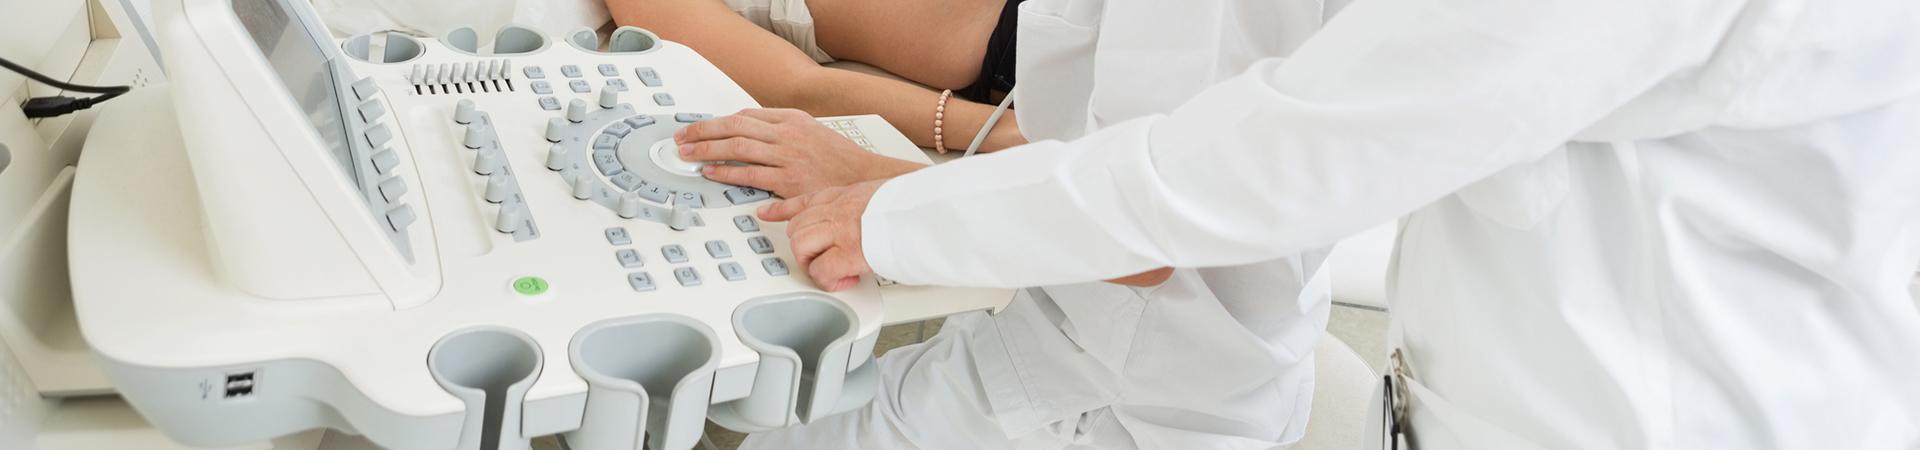 Wyroby medyczne jednorazowego użytku